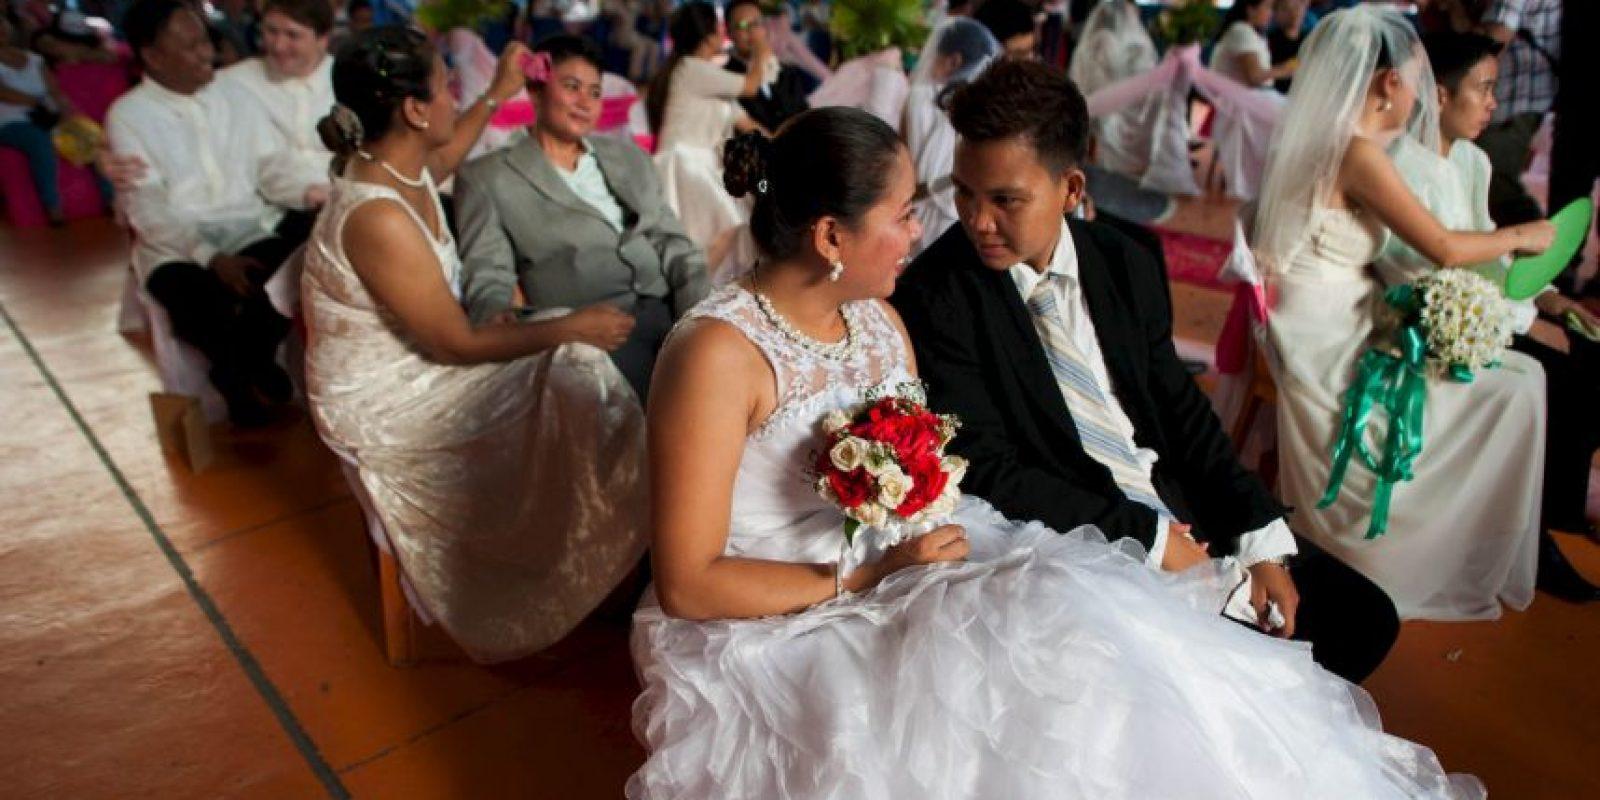 La Iglesia Católica no reconoce los divorcios civiles, únicamente cree en las las uniones matrimoniales santificadas. Foto:Getty Images